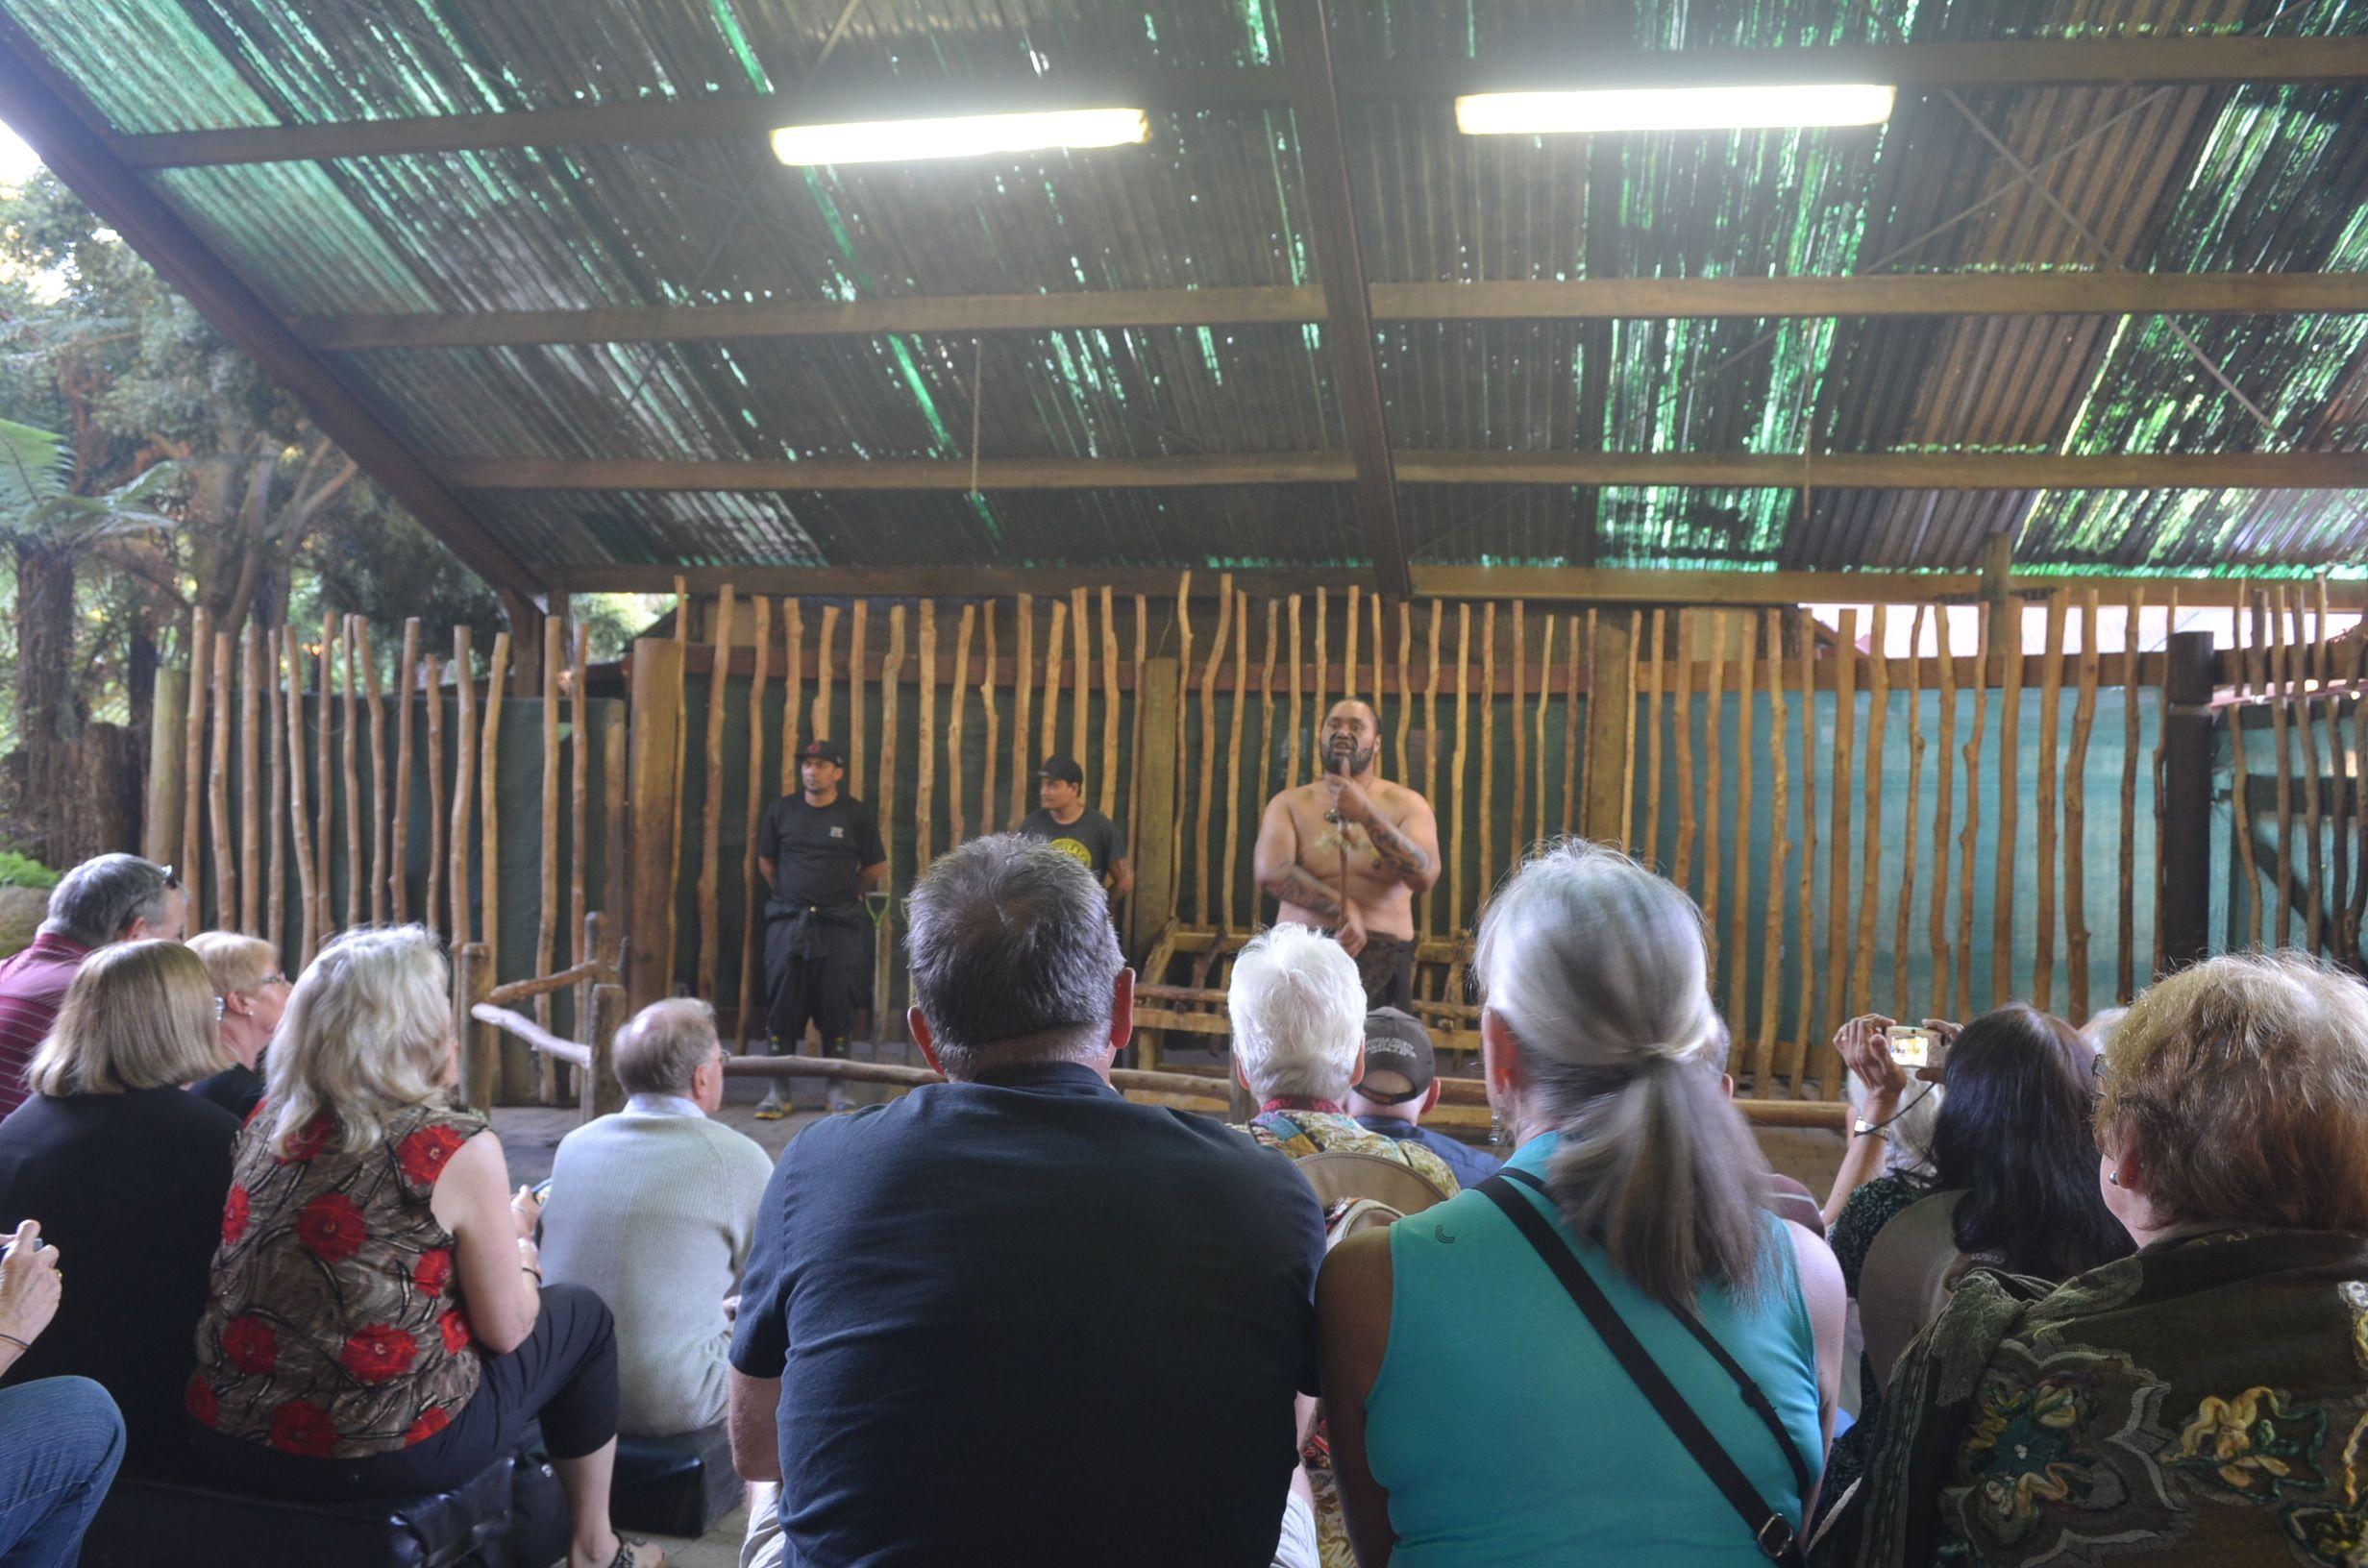 Maori Beliefs: Maori Culture In Rotorua